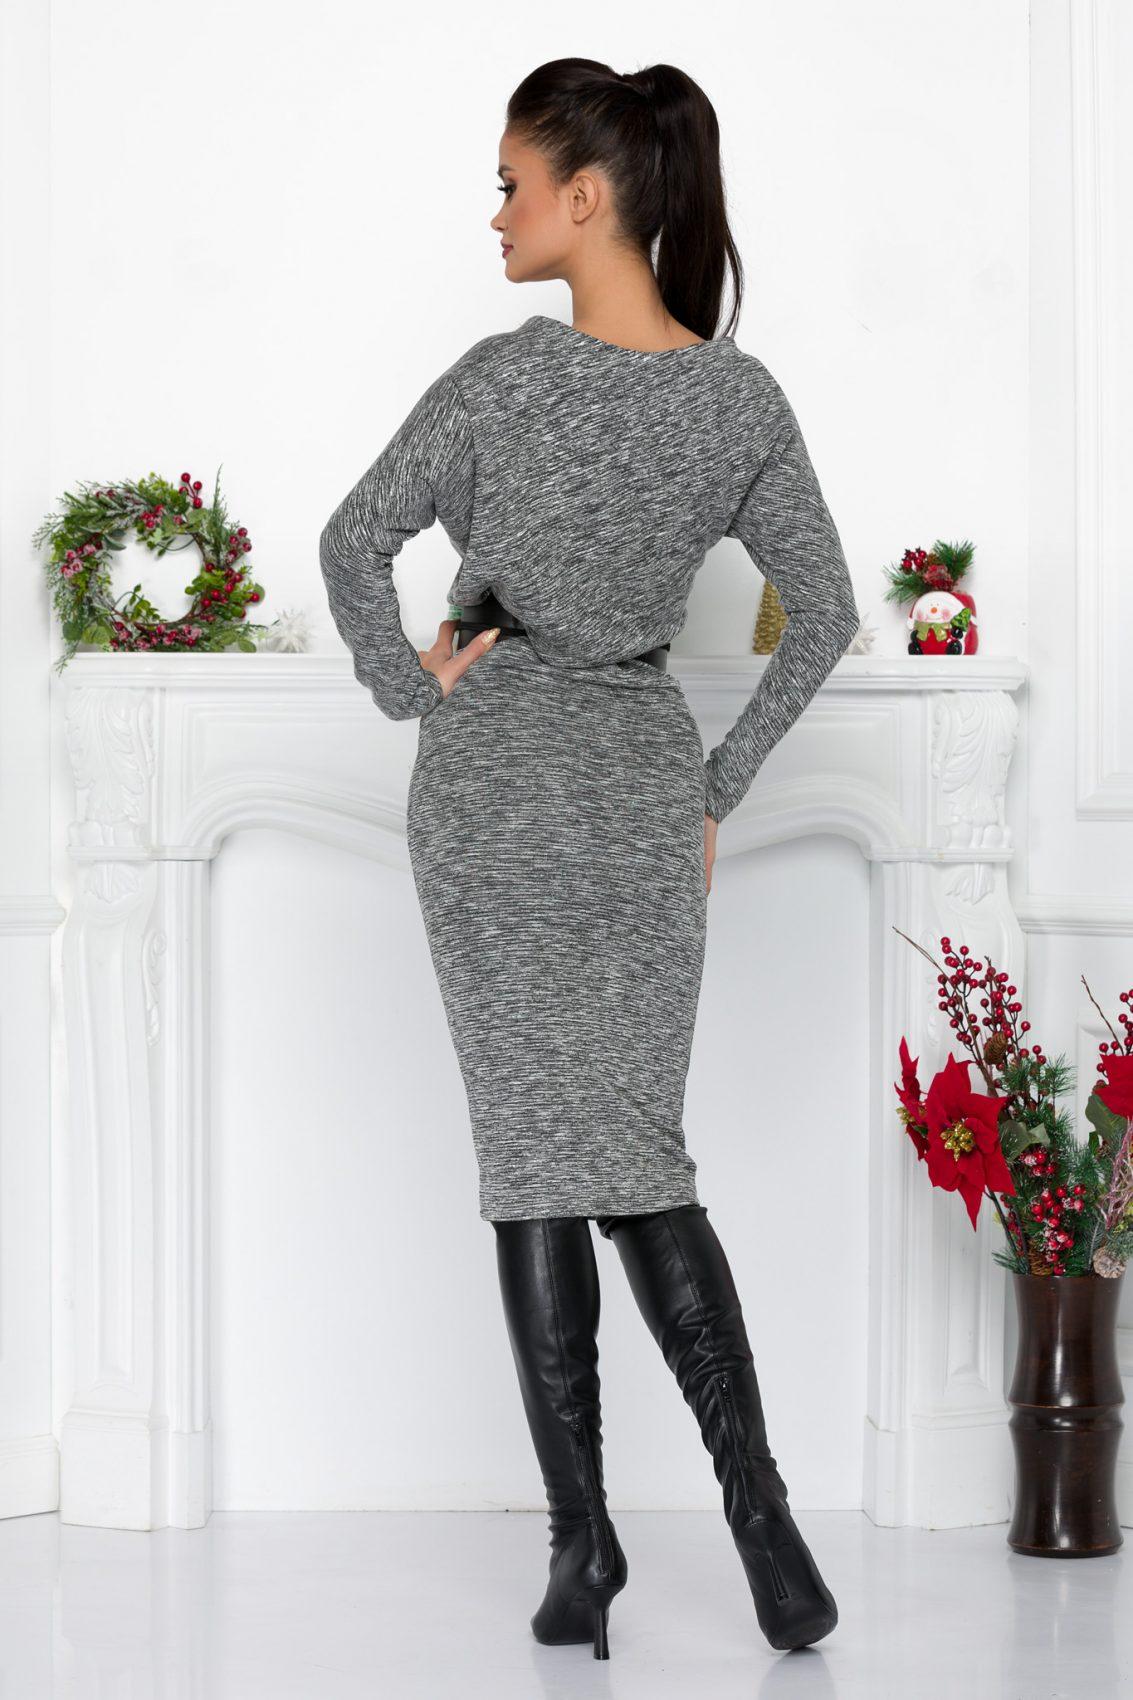 Γκρι Πλεκτό Φόρεμα Με Ζώνη Adyn 9011 3